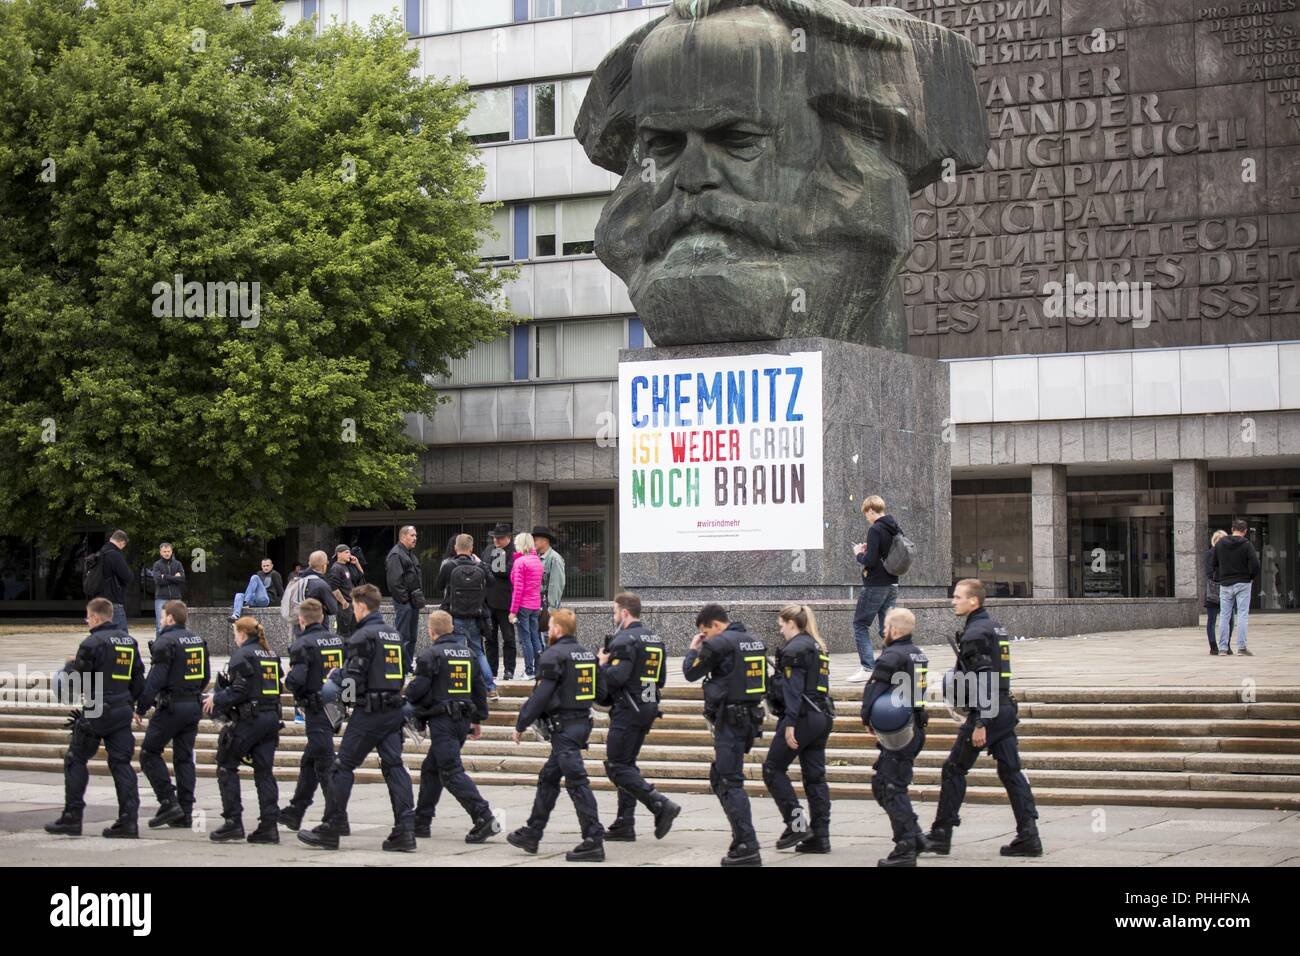 Septiembre 1, 2018 - Chemnitz, en Sajonia, Alemania - Memorial y el luto de Daniel, quien fue asesinado a puñaladas la semana pasada (Crédito de la Imagen: © Jannis Grosse/ZUMA Wire) Foto de stock